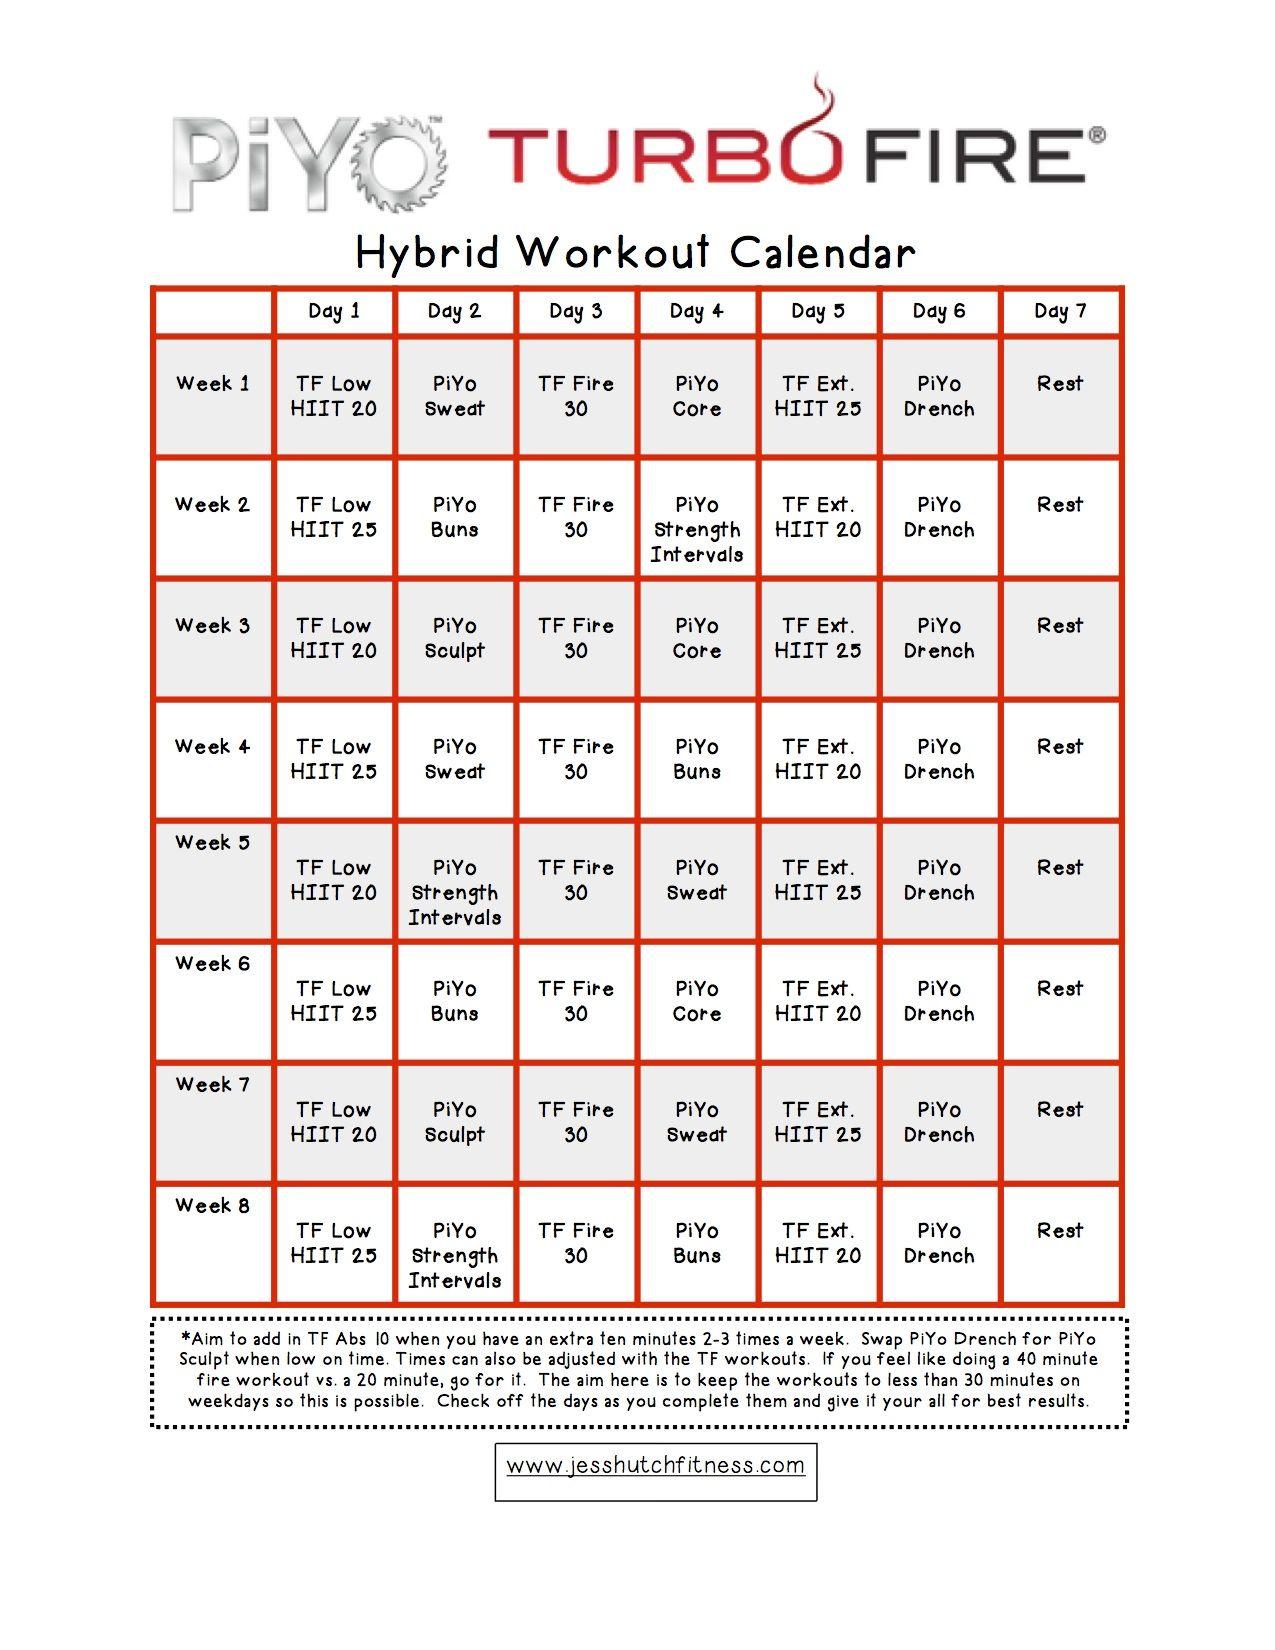 Piyo/turbofire Hybrid Calendar | Blend Workouts | Workout